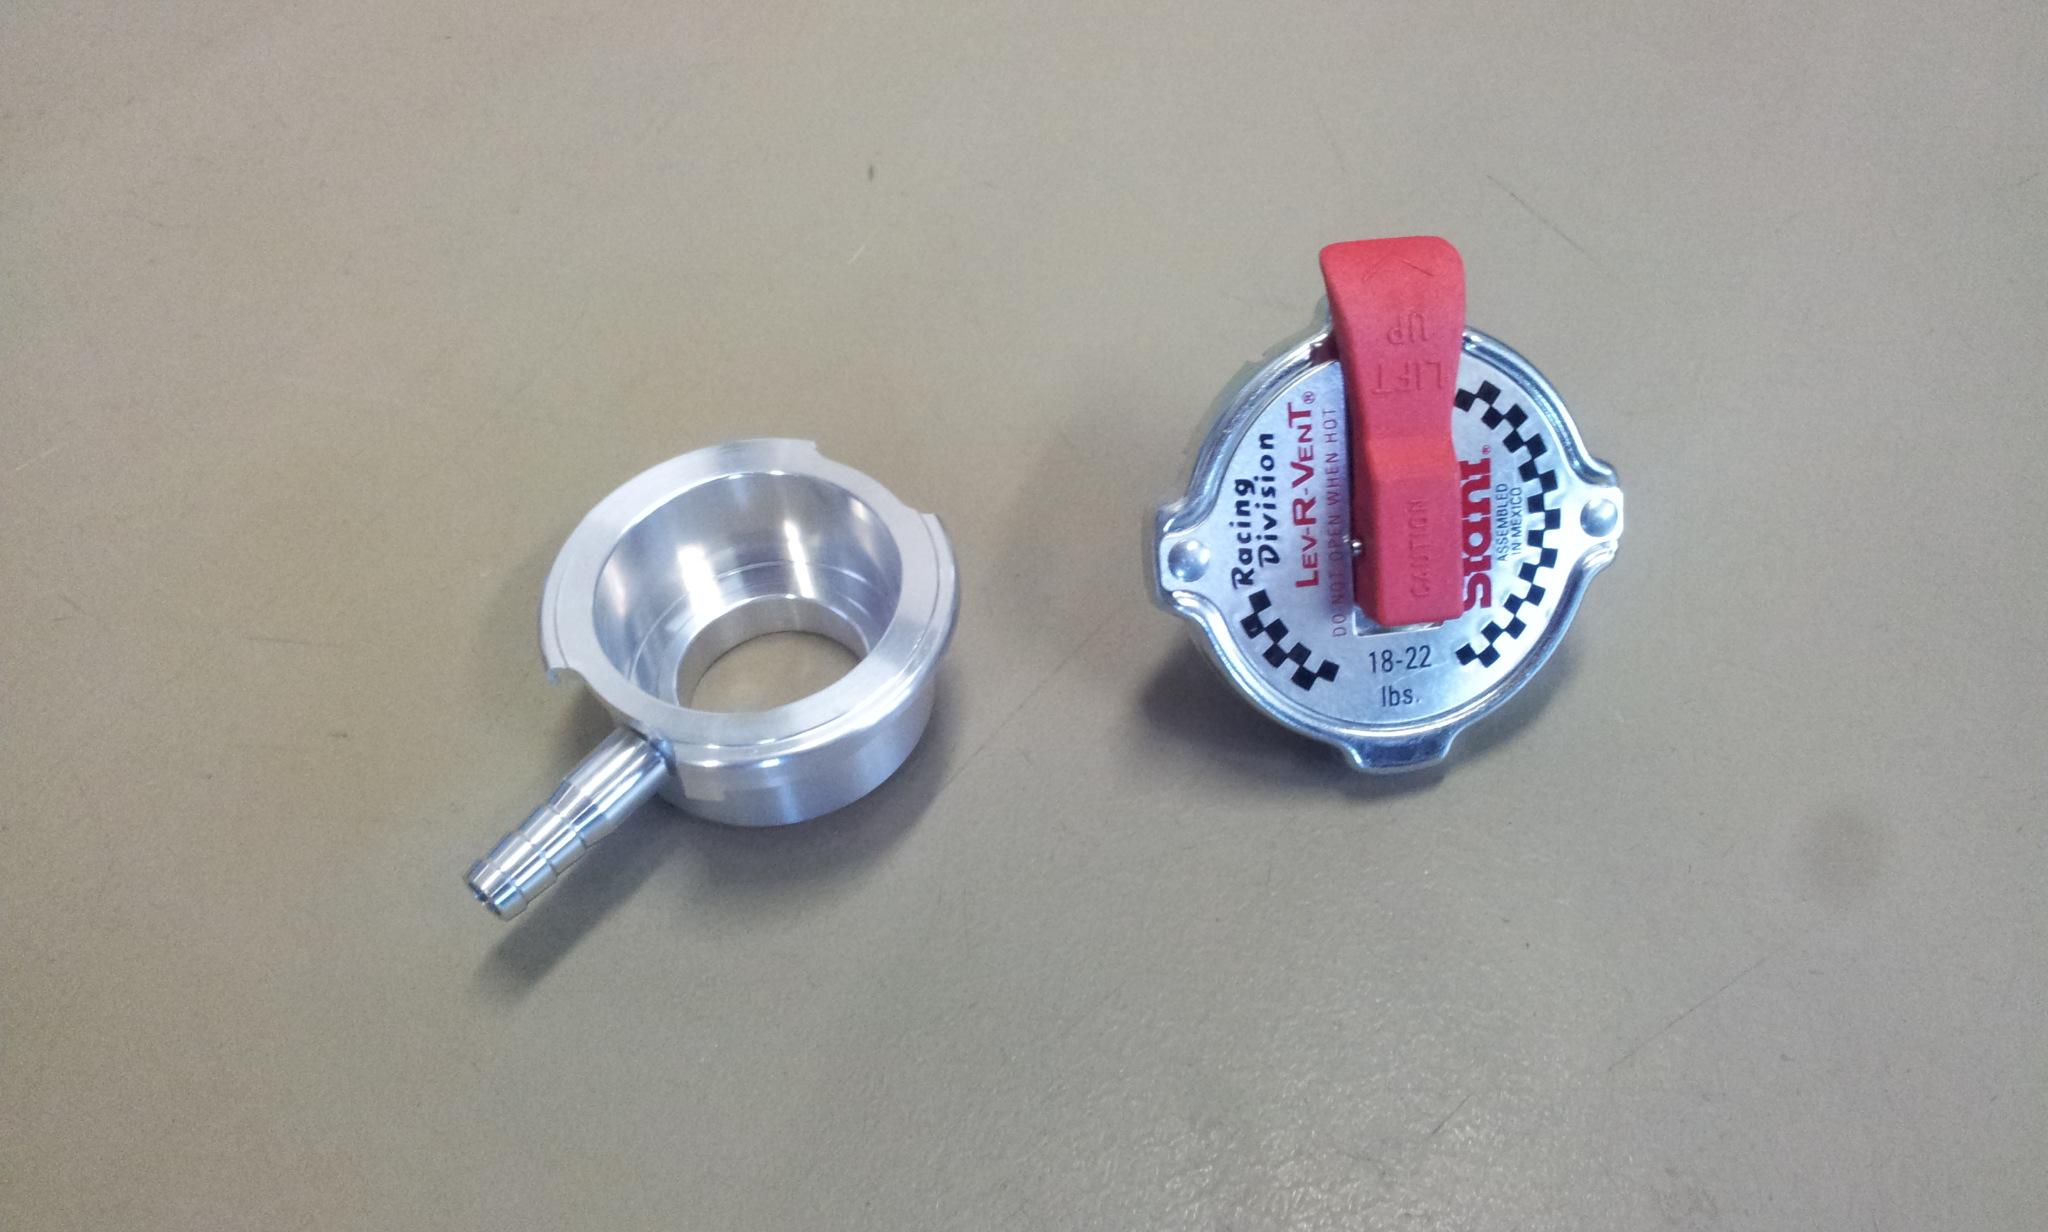 Radiateur dop - 1,2-1,5 bar + radiateur las neck groot-0